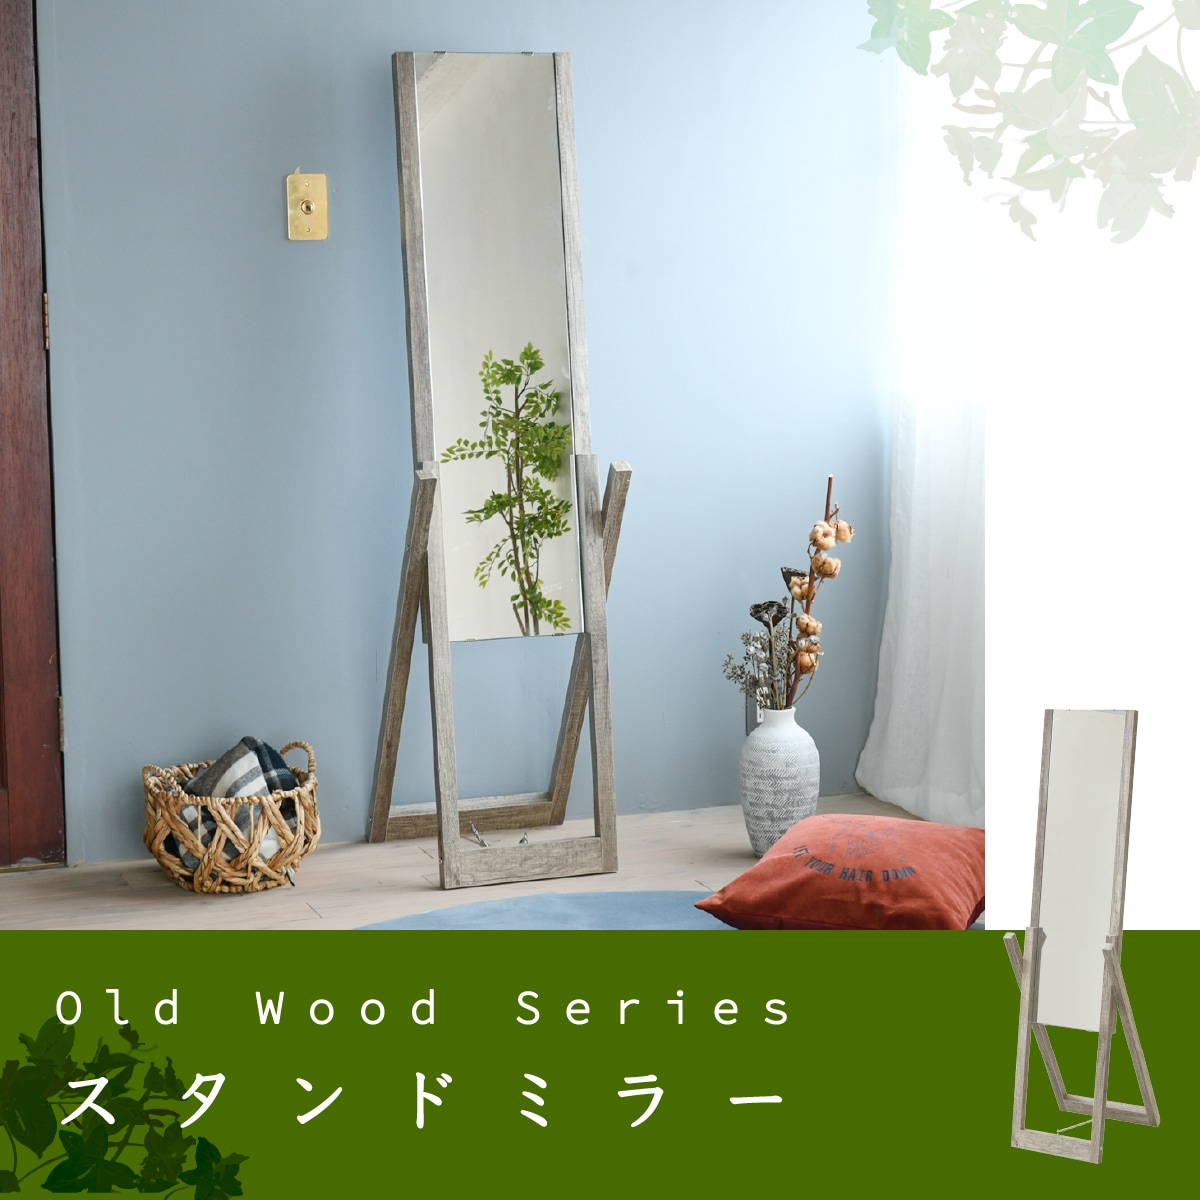 古木シリーズ スタンドミラー 古木風 姿見 鏡 FAW-0008